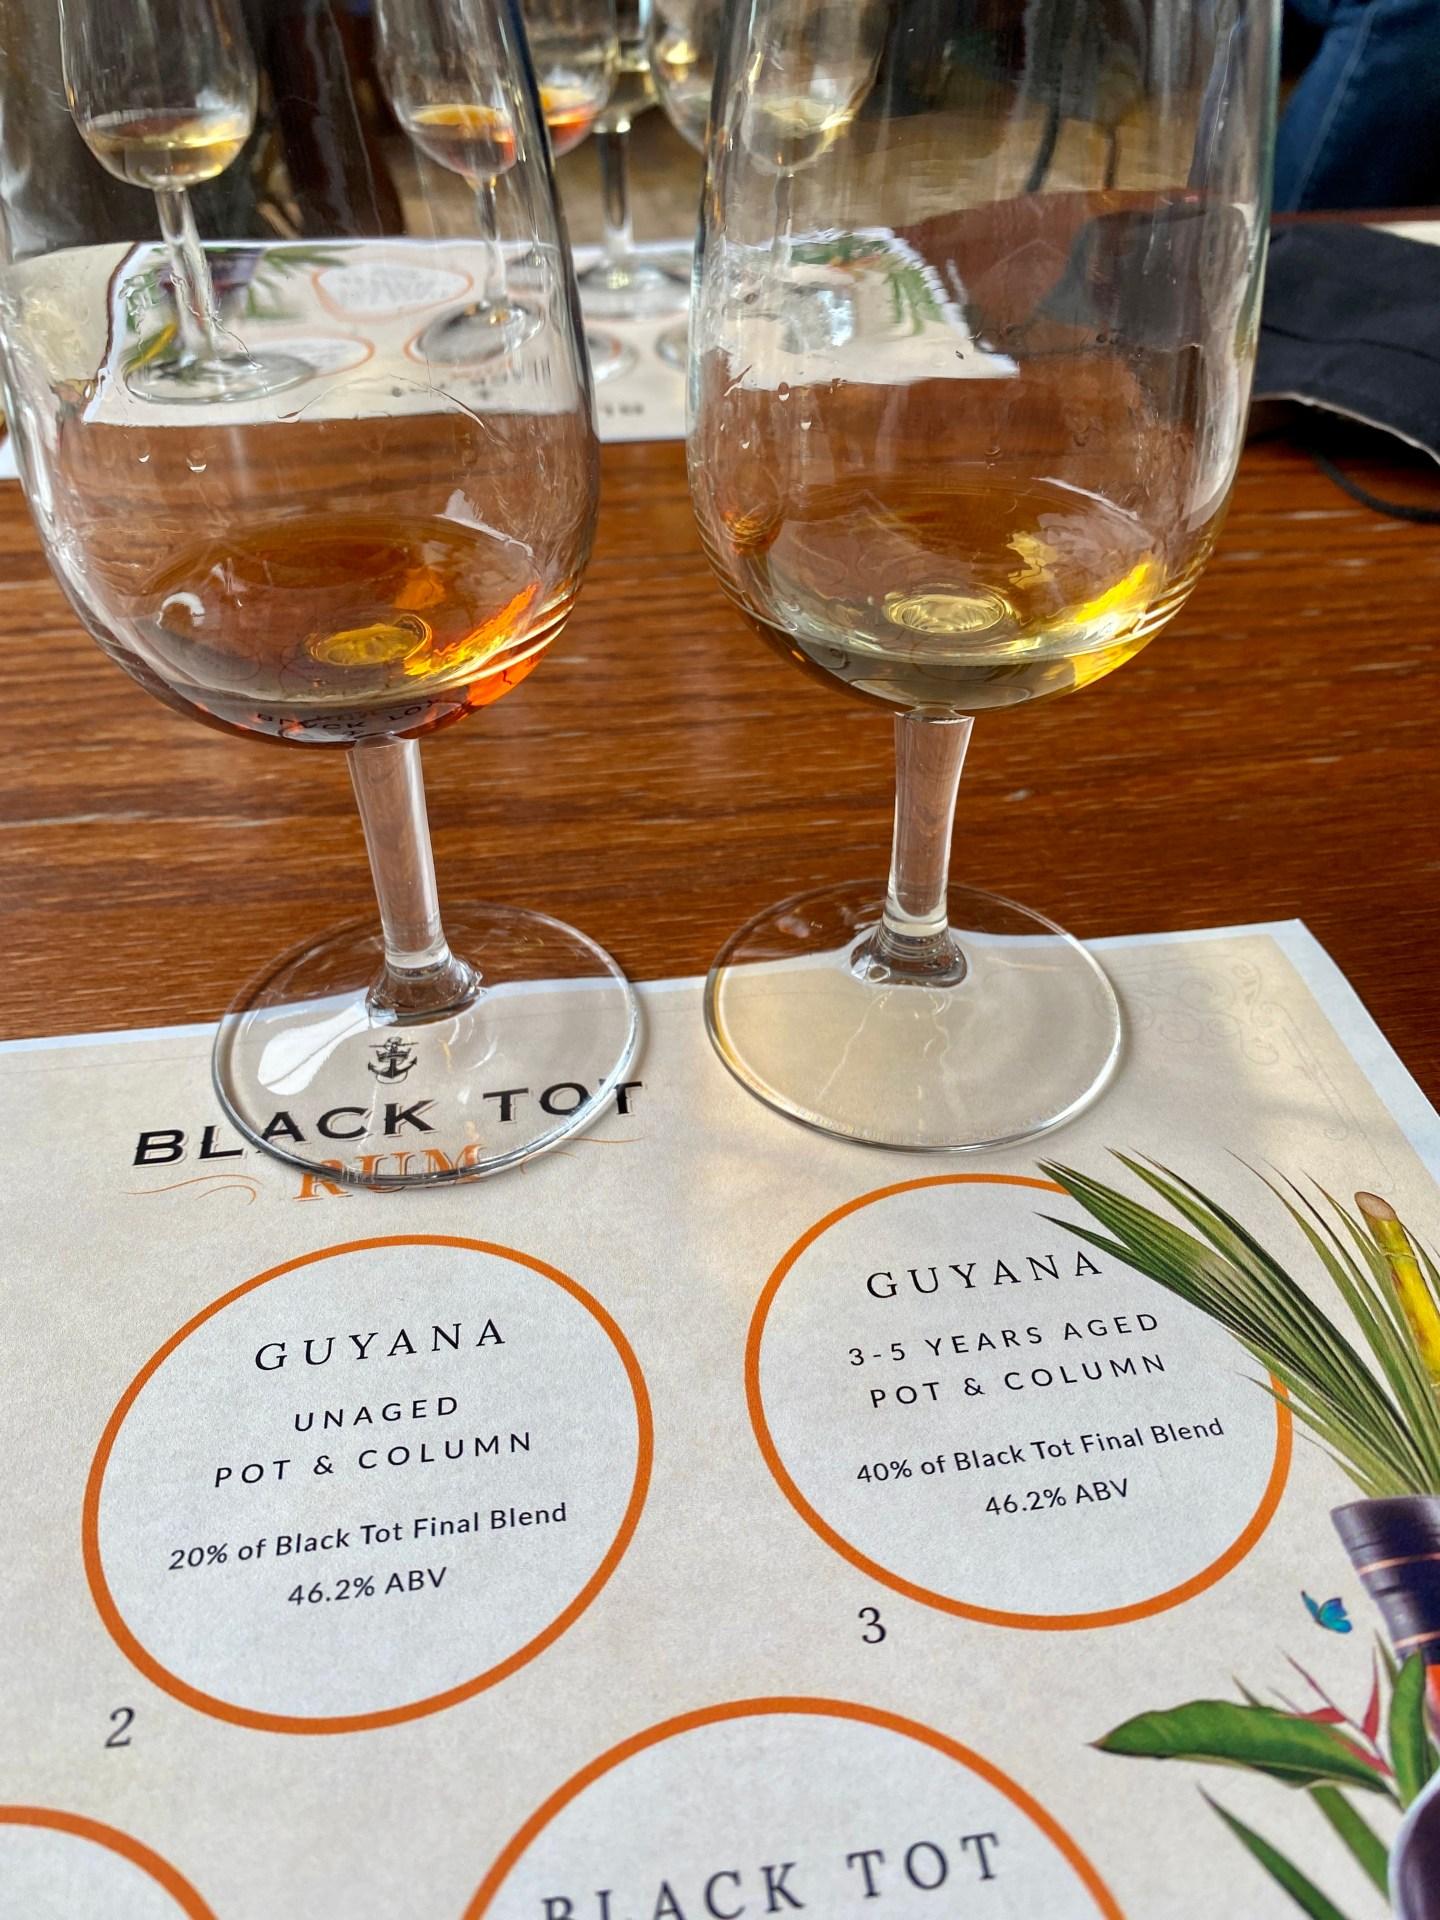 Black tot rum Guyana